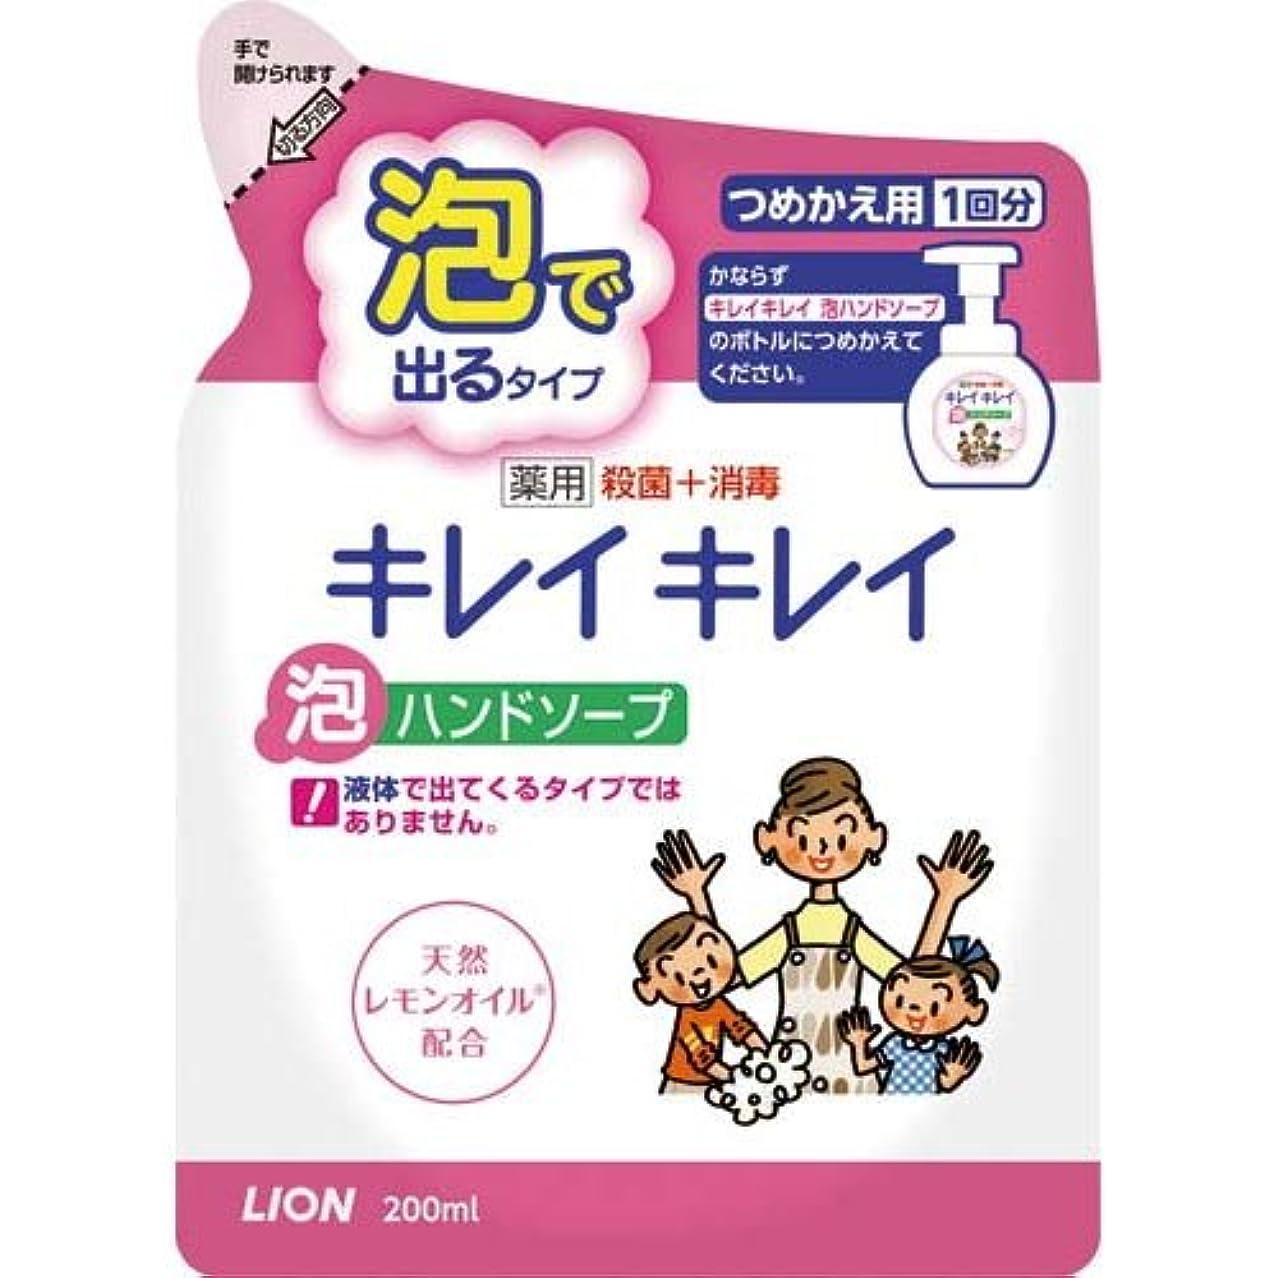 幅消化みキレイキレイ 薬用泡ハンドソープ つめかえ用 200mL(医薬部外品) ライオン